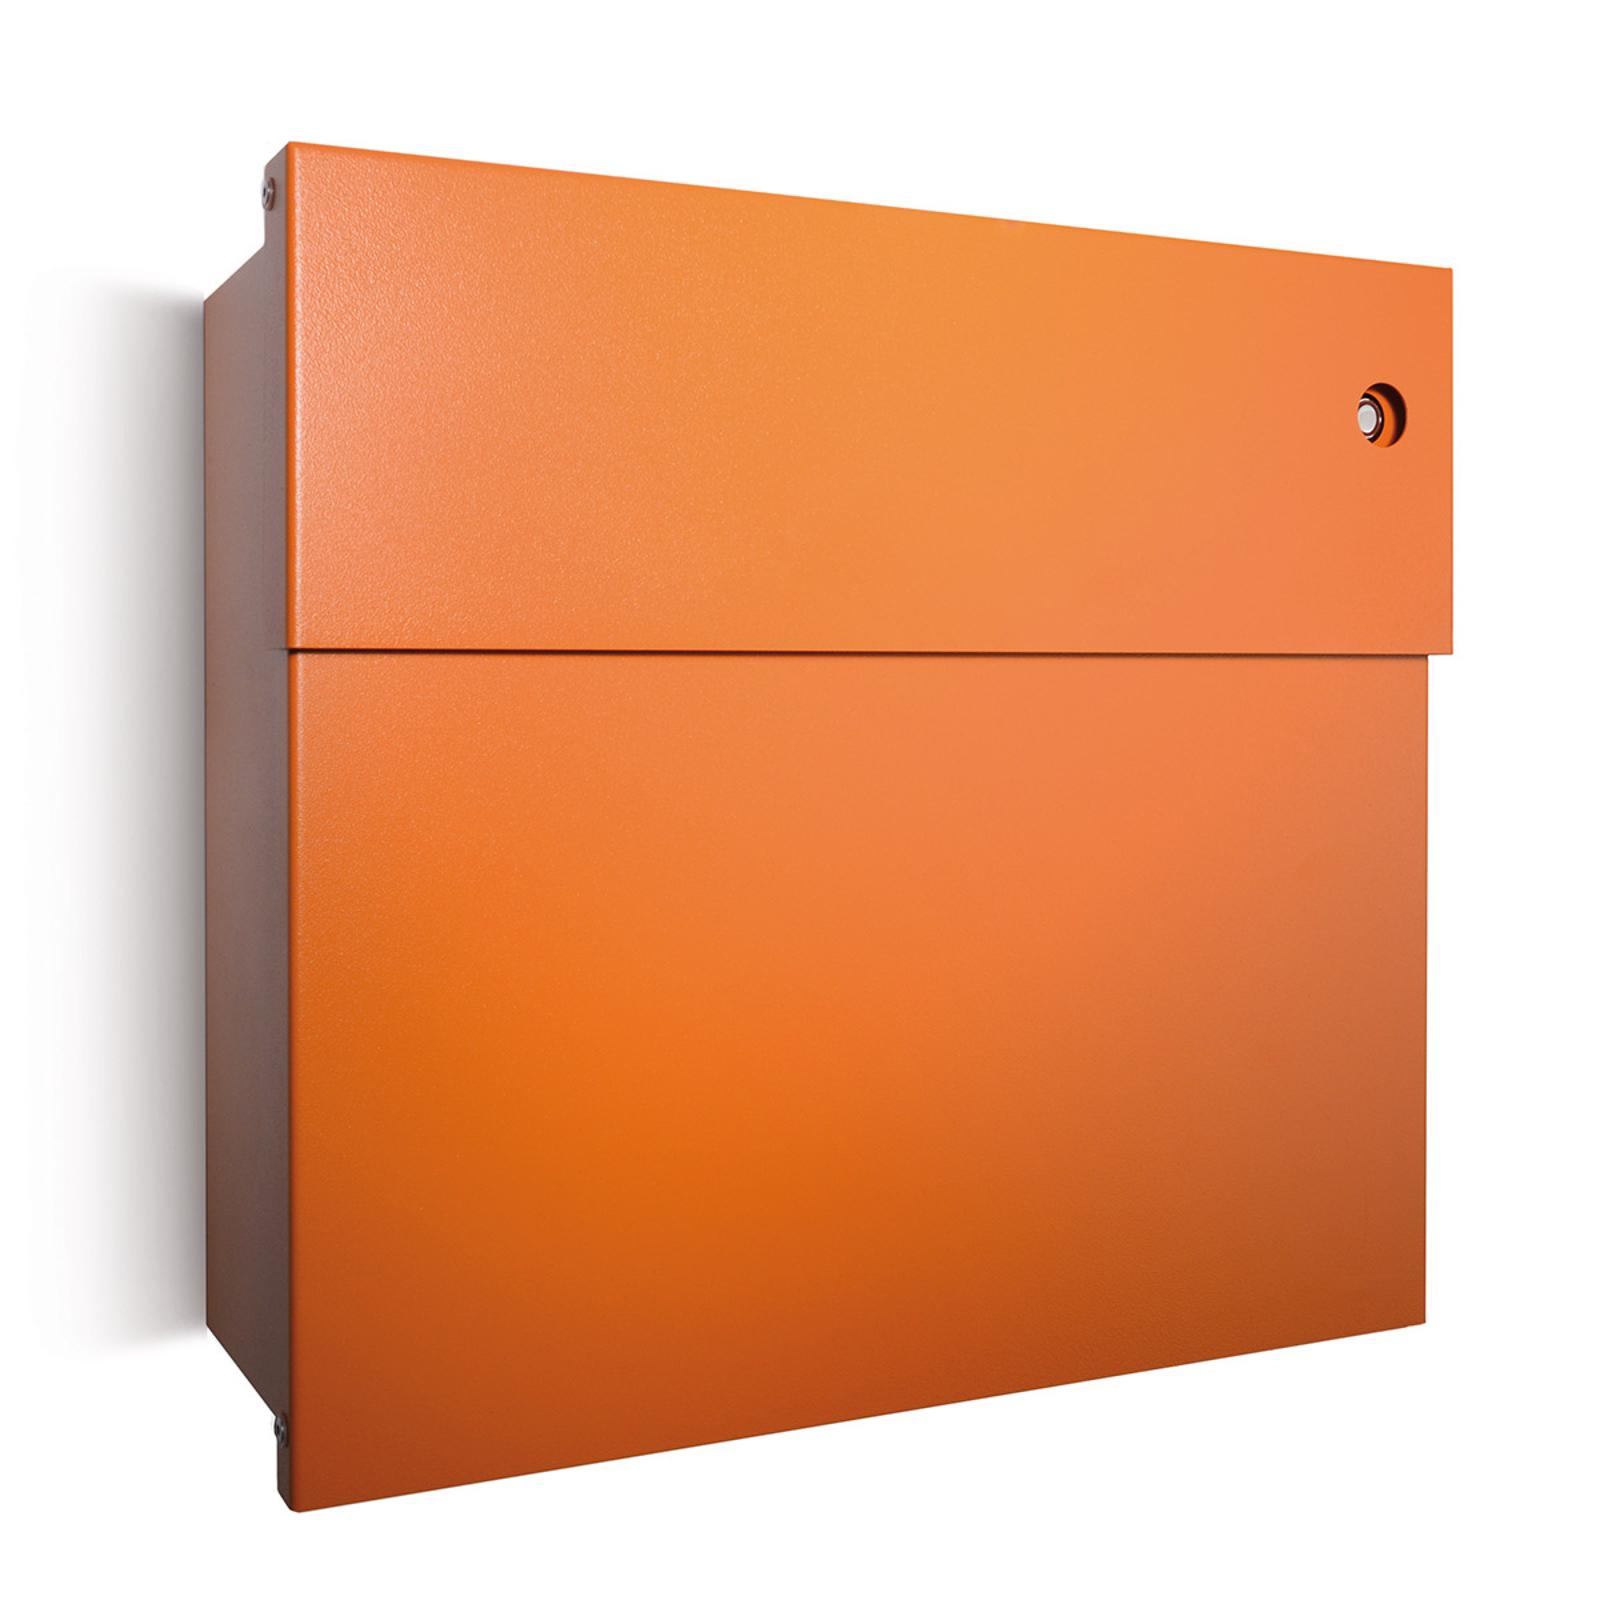 Letterman postkasse IV, rød klokke, orange